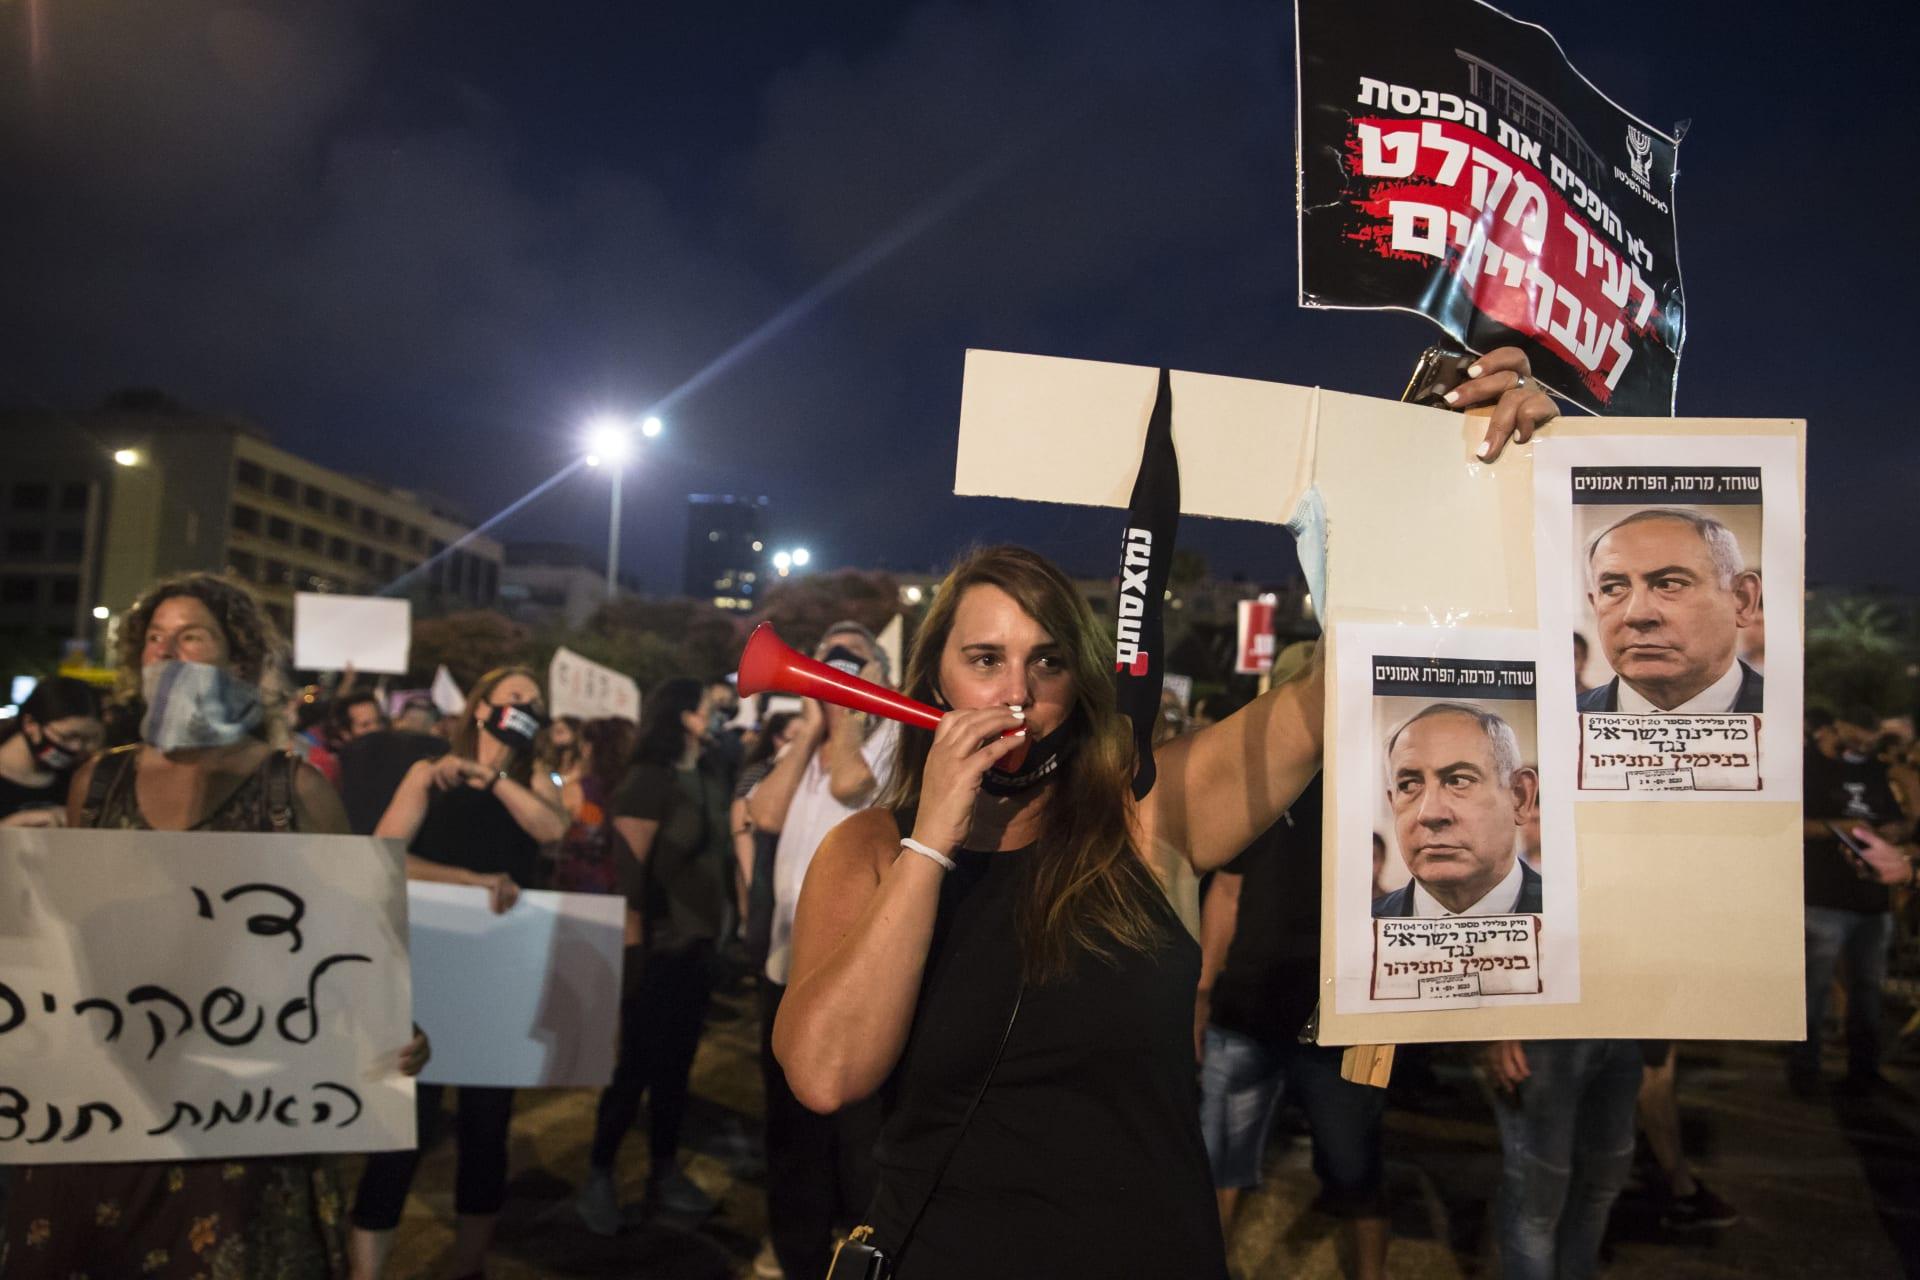 محتجون يتظاهرون أمام منزل نتنياهو بالقدس.. وضبط عدد من أنصاره في مسيرة مضادة